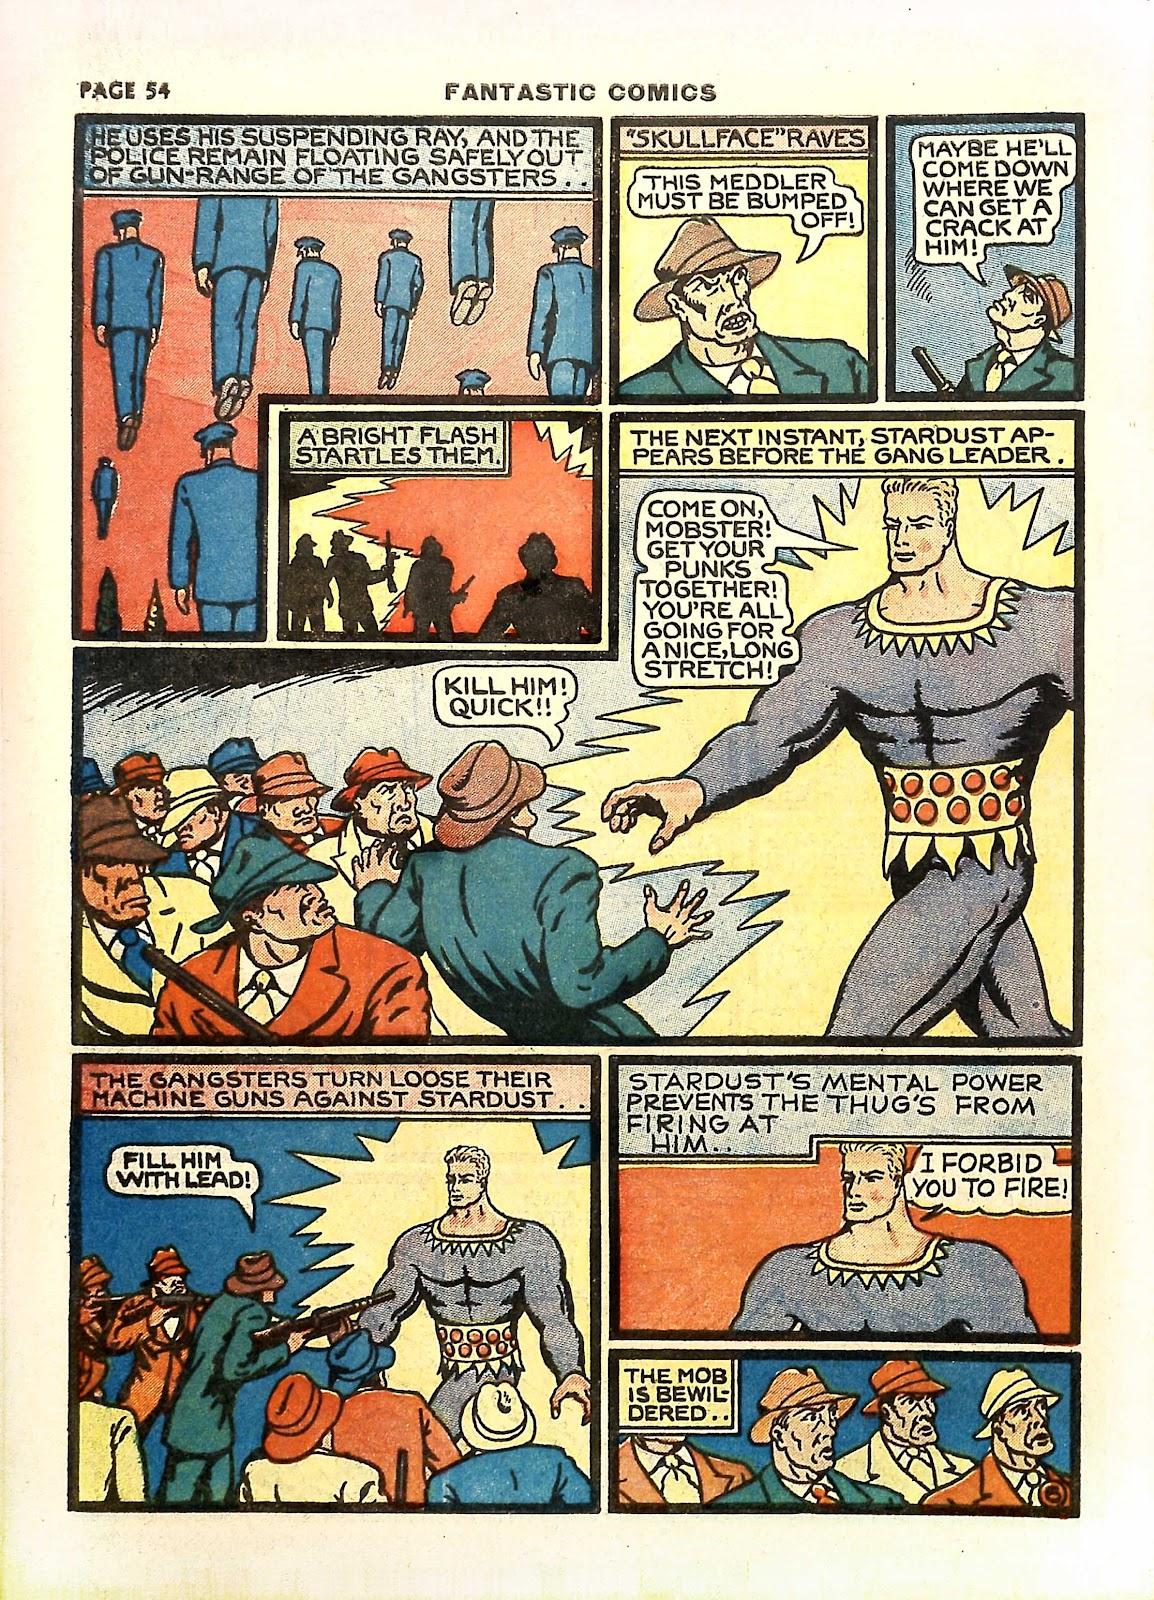 Read online Fantastic Comics comic -  Issue #11 - 57